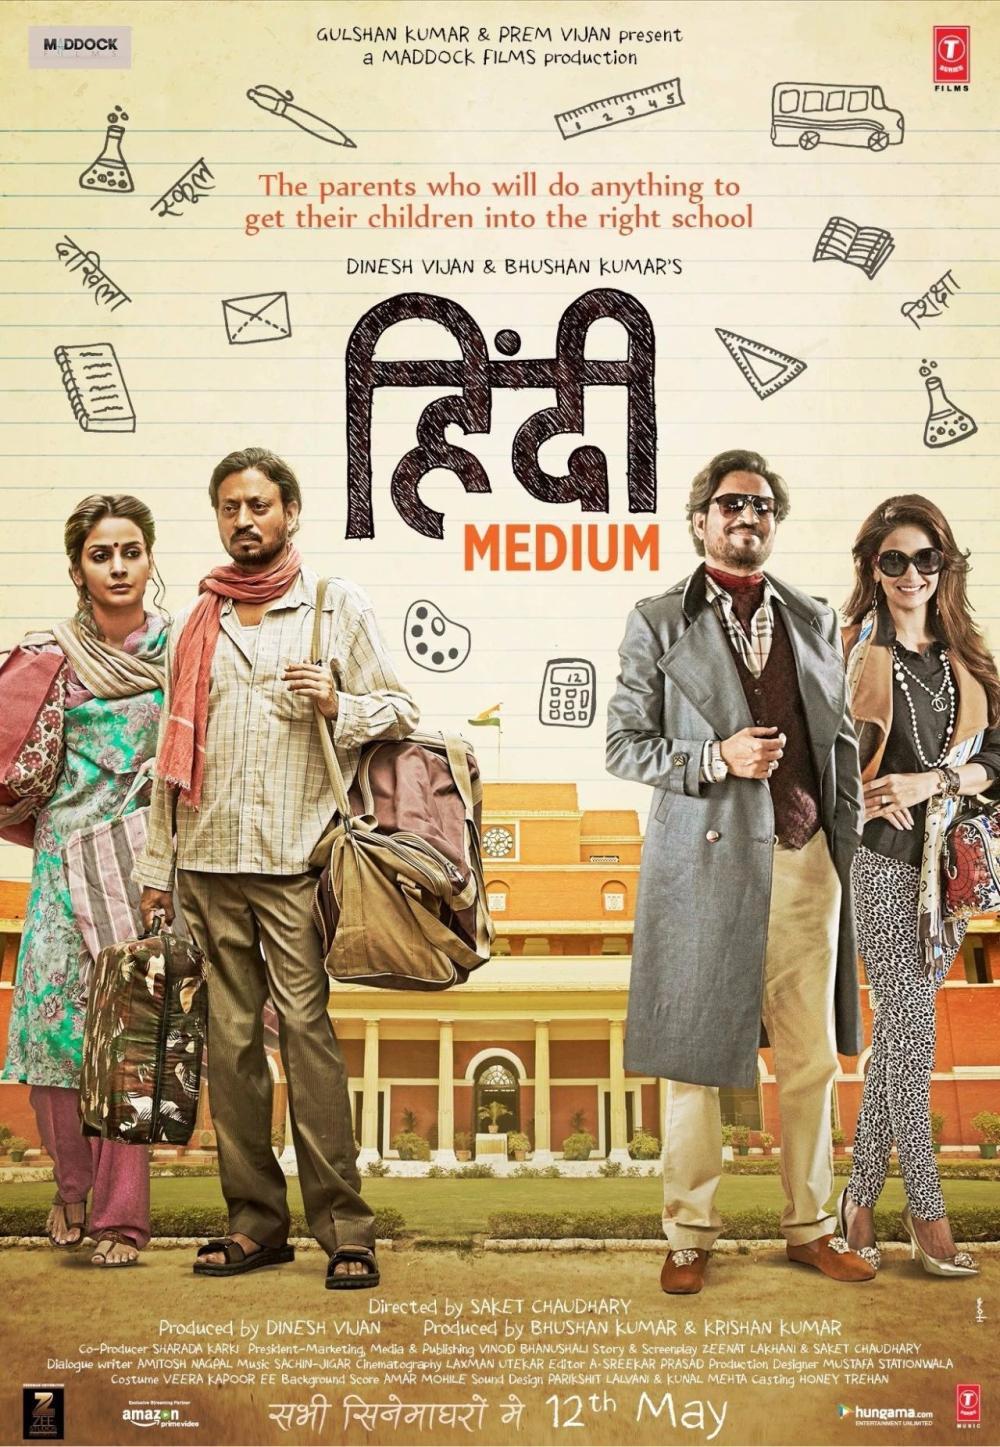 三傻宝闯宝莱坞国�_又一叫板《三傻大闹宝莱坞》的印度作品, 打脸印度教育体制